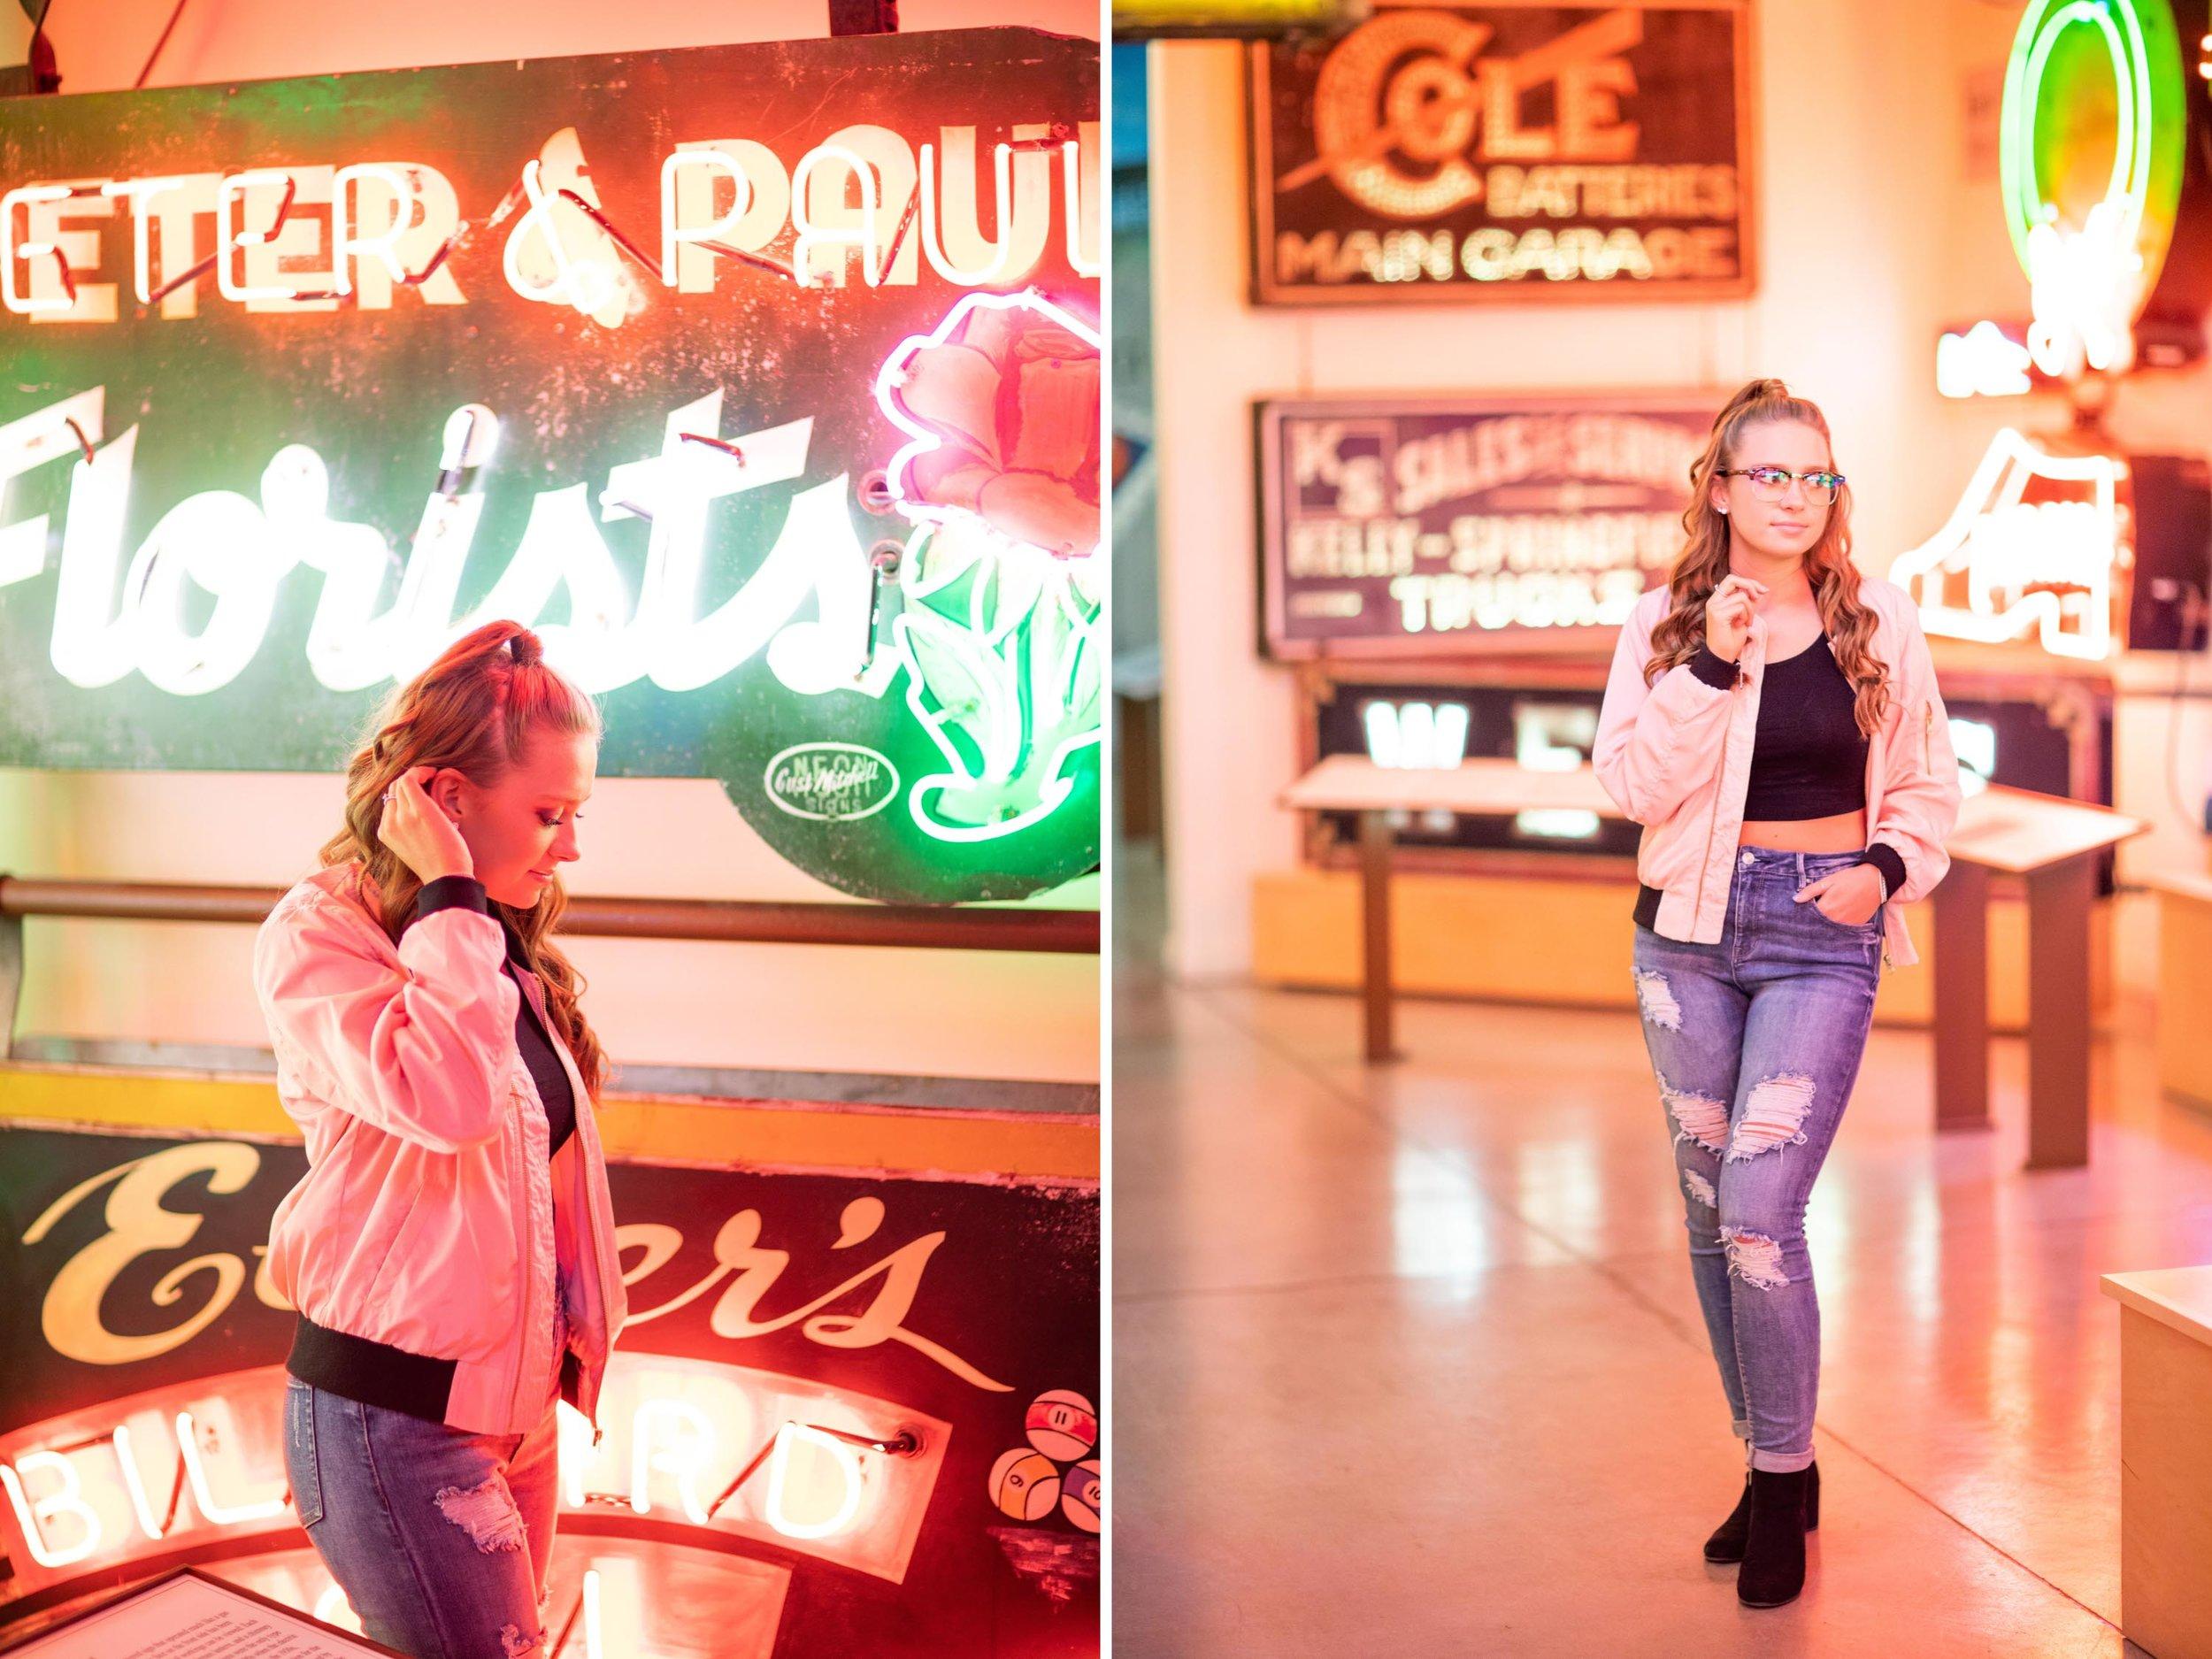 neon lights photoshoot.jpg